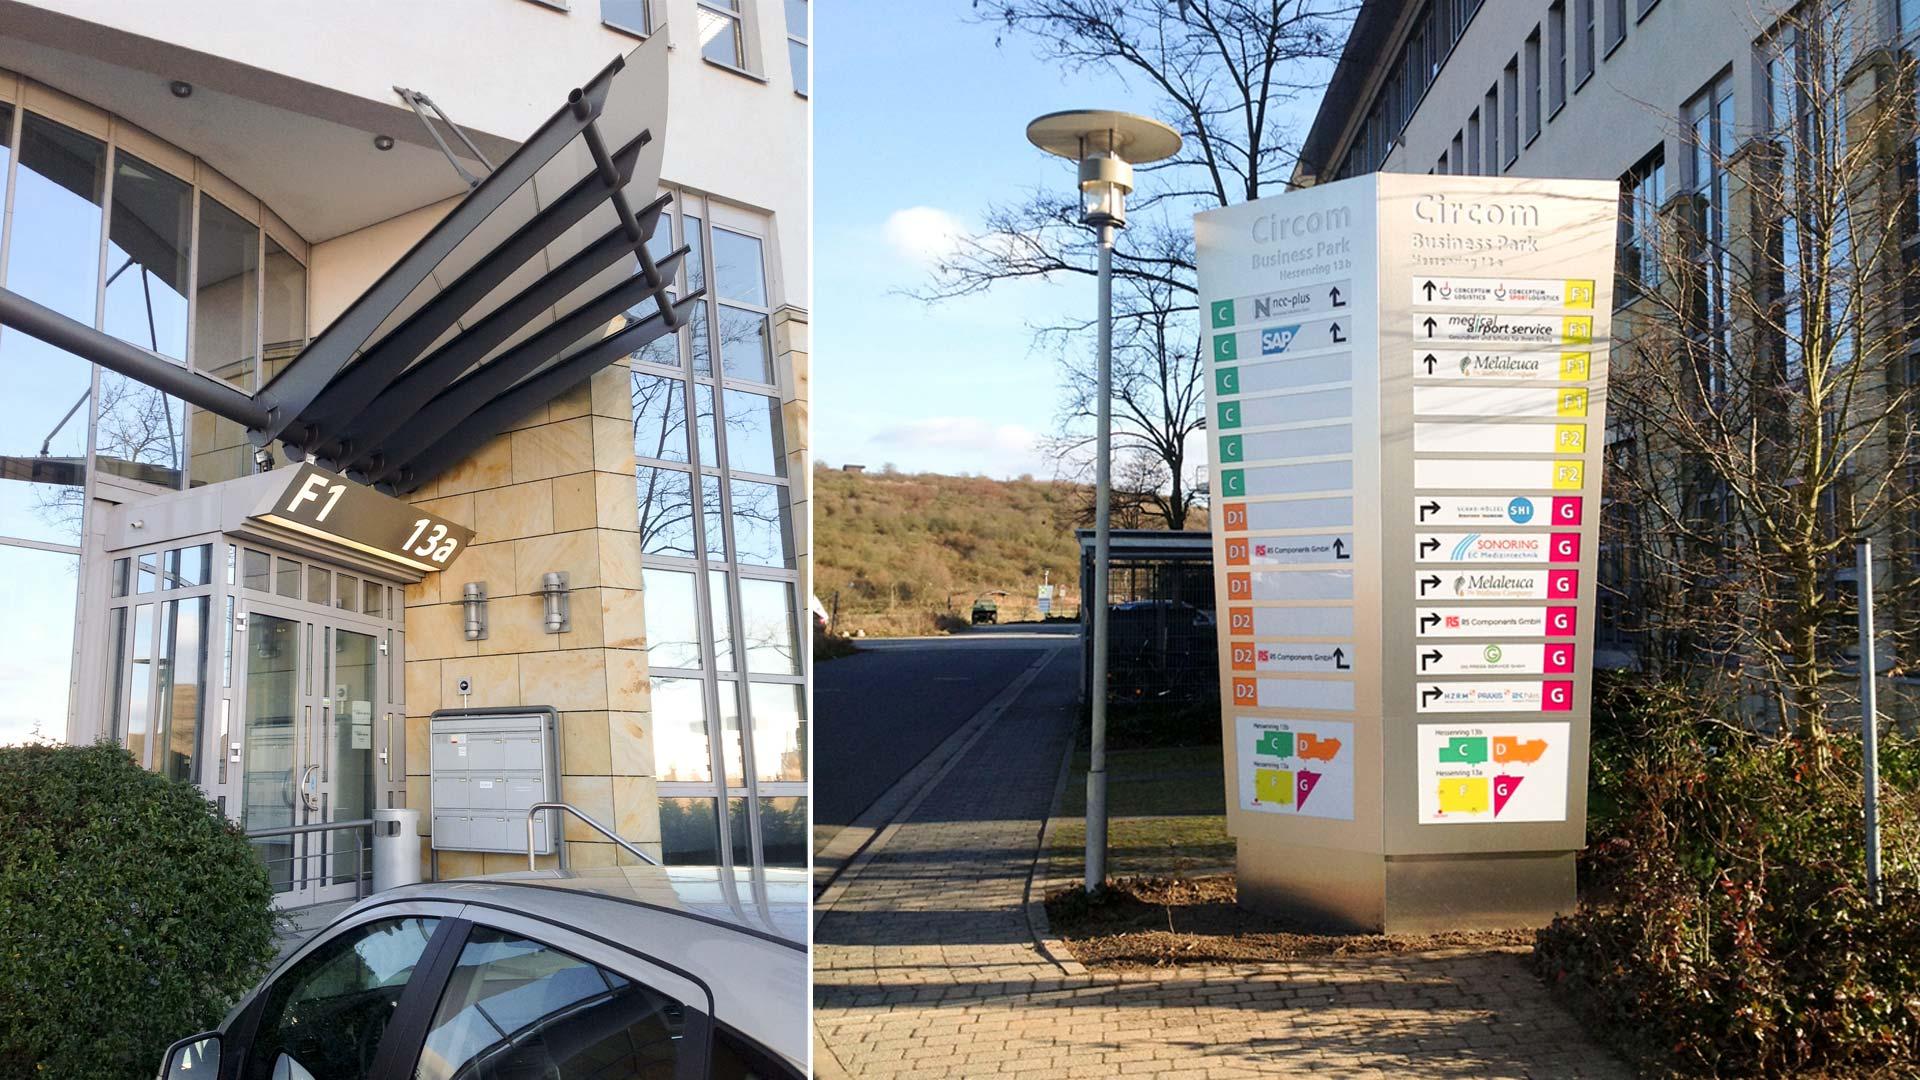 MAASS-Lichtplanung_Leitsystem am Circom Park__MAASS-Circom-Park-001